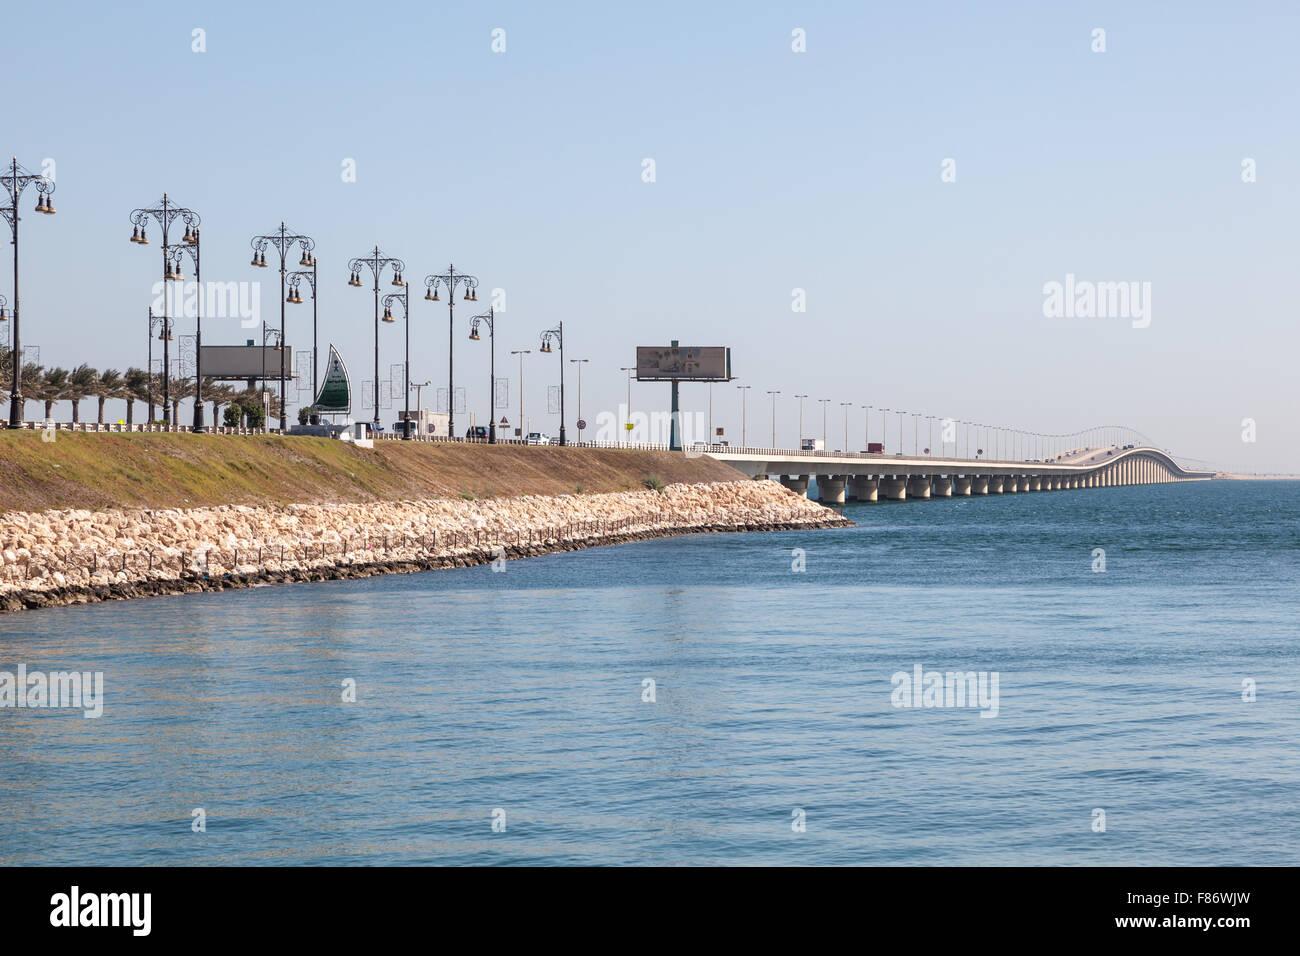 Le Roi Fahd Causeway qui relie l'Arabie saoudite et Bahreïn. 15 novembre 2015 dans le Royaume de Bahreïn Photo Stock